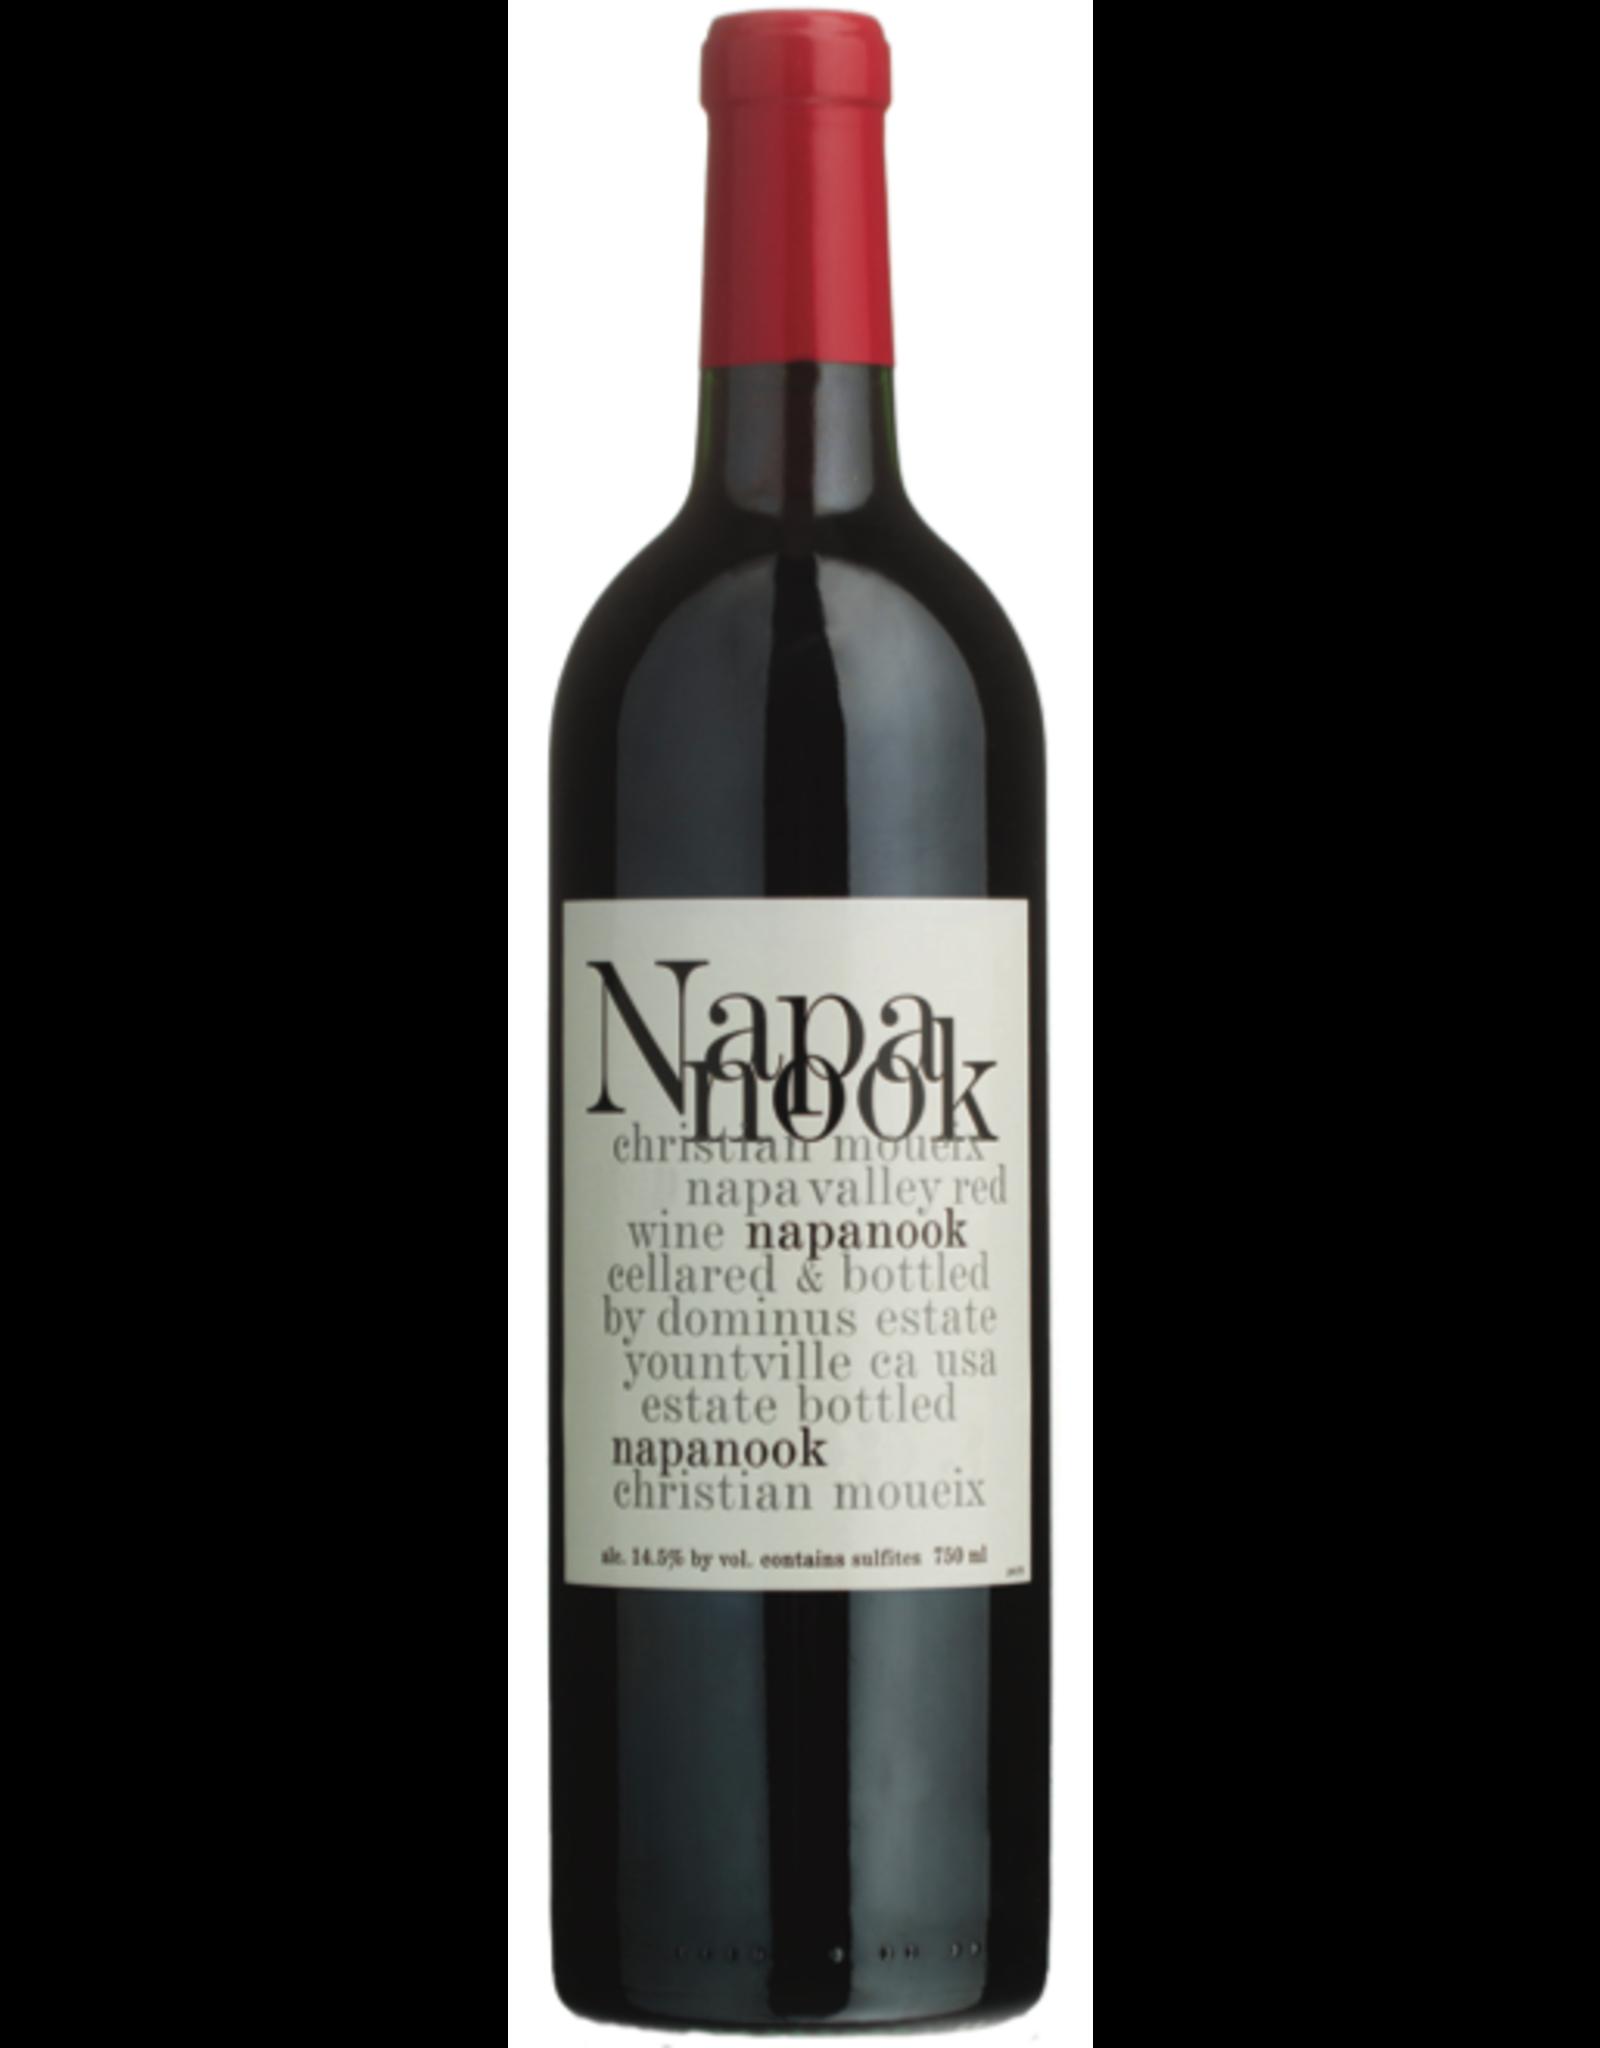 Dominus Estate Napanook 2015 - Napa Valley